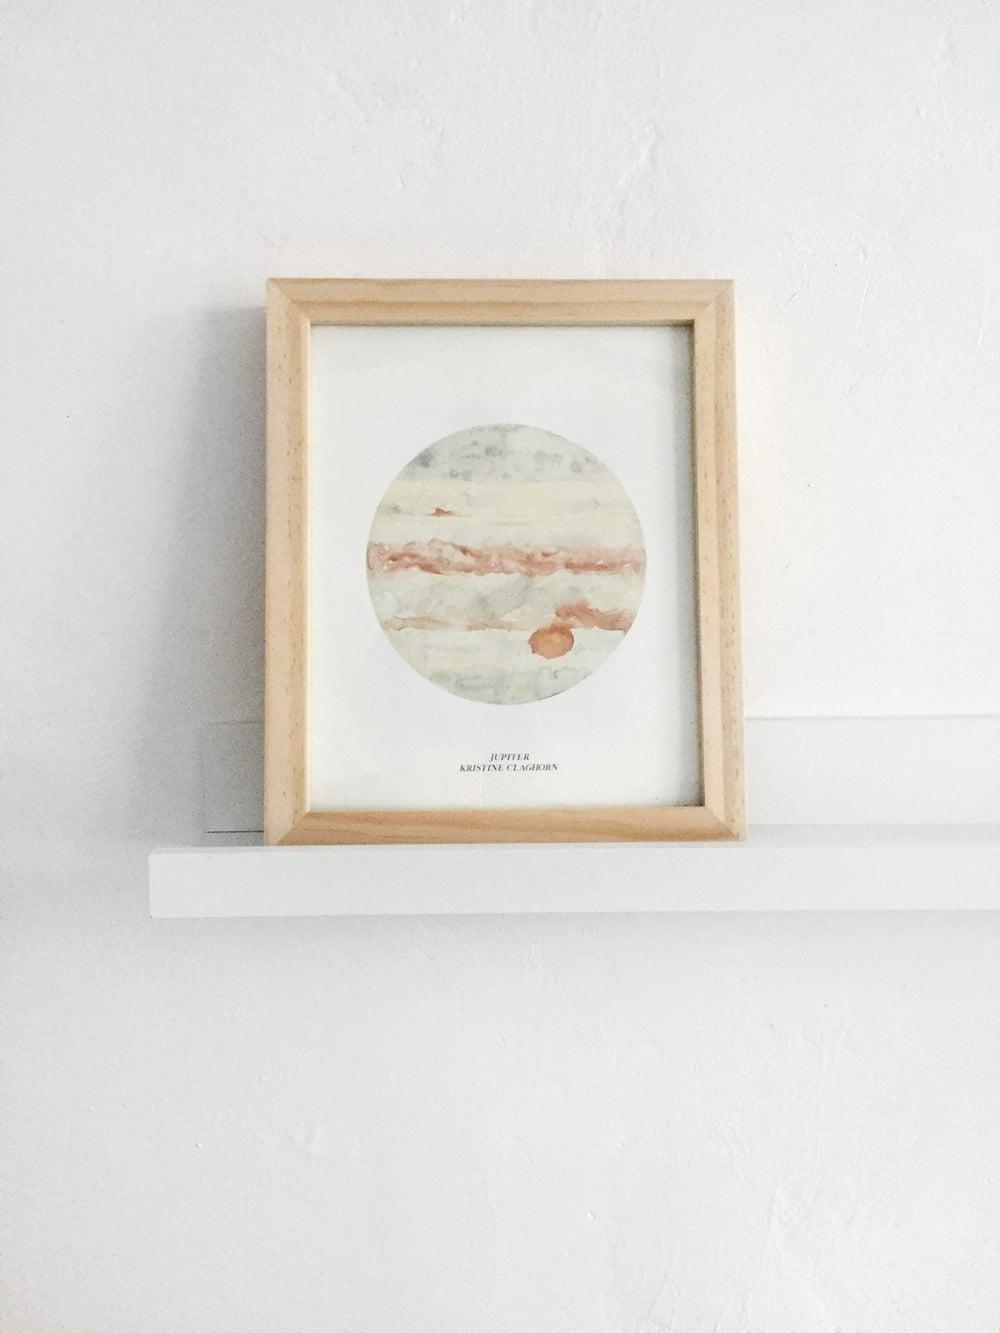 Image of Jupiter Print - 8 x 10